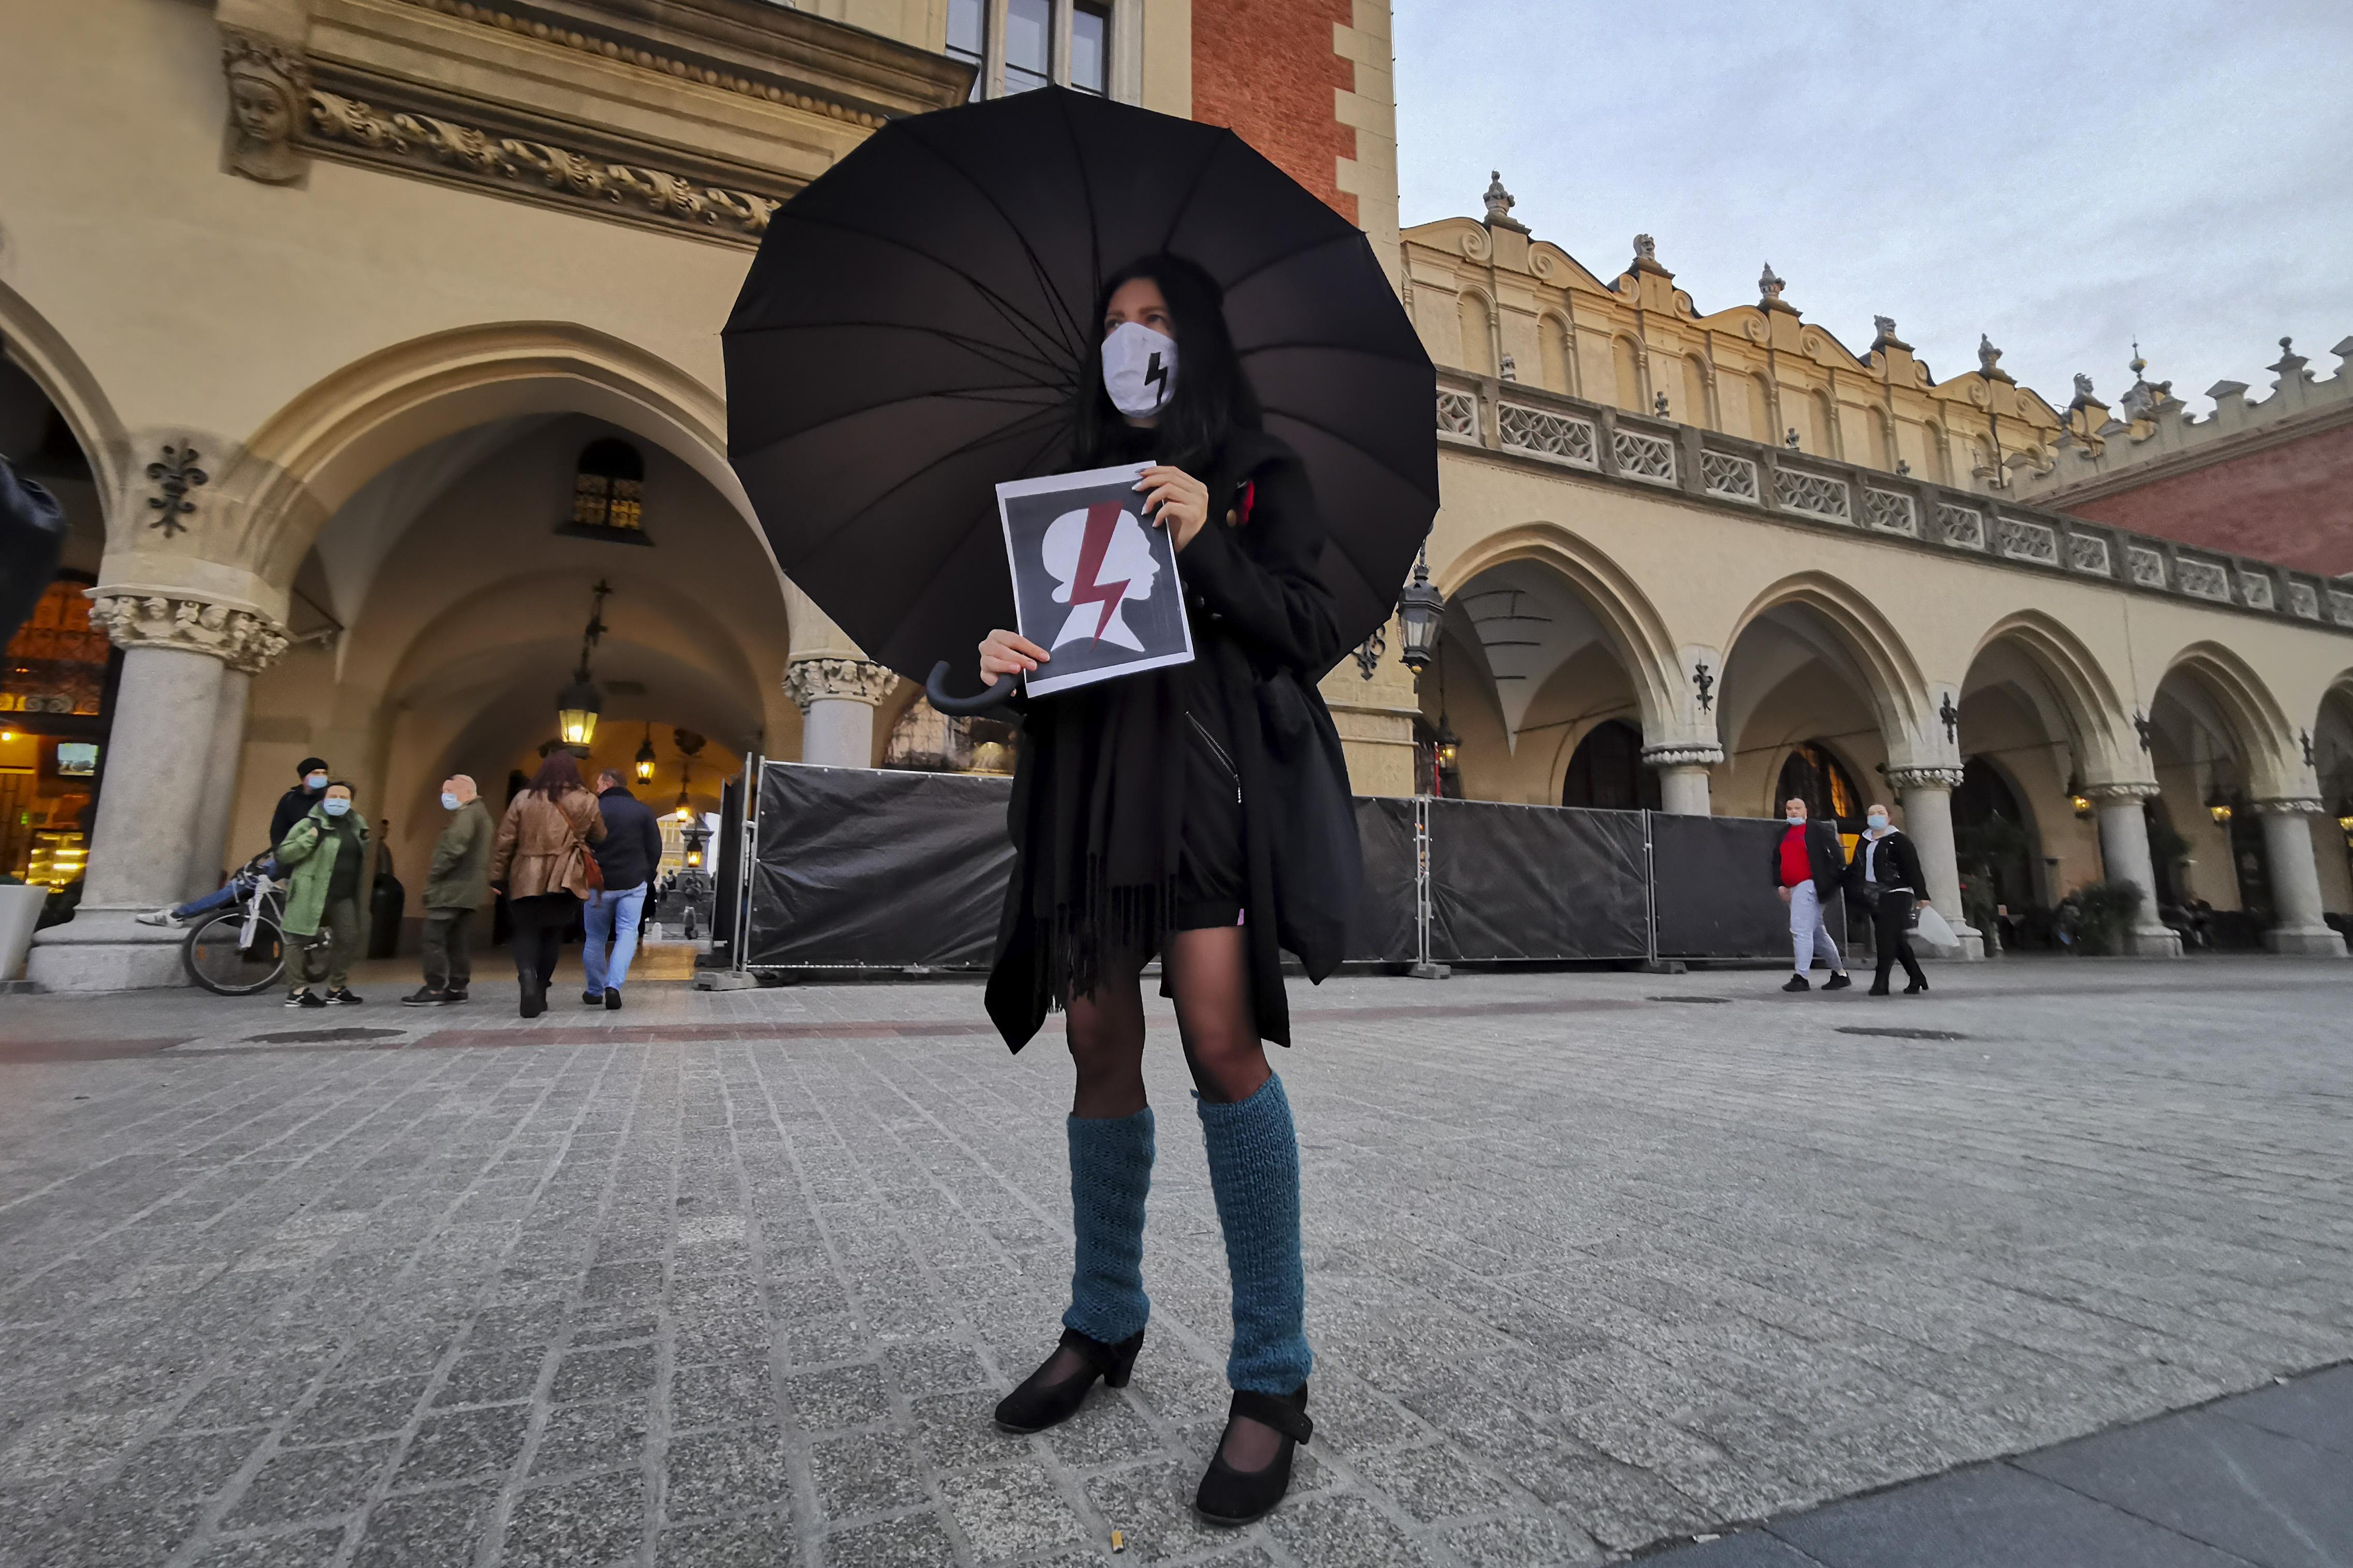 Lengyelországban alotmányellenesnek minősítették a beteg magzatok művi vetélését